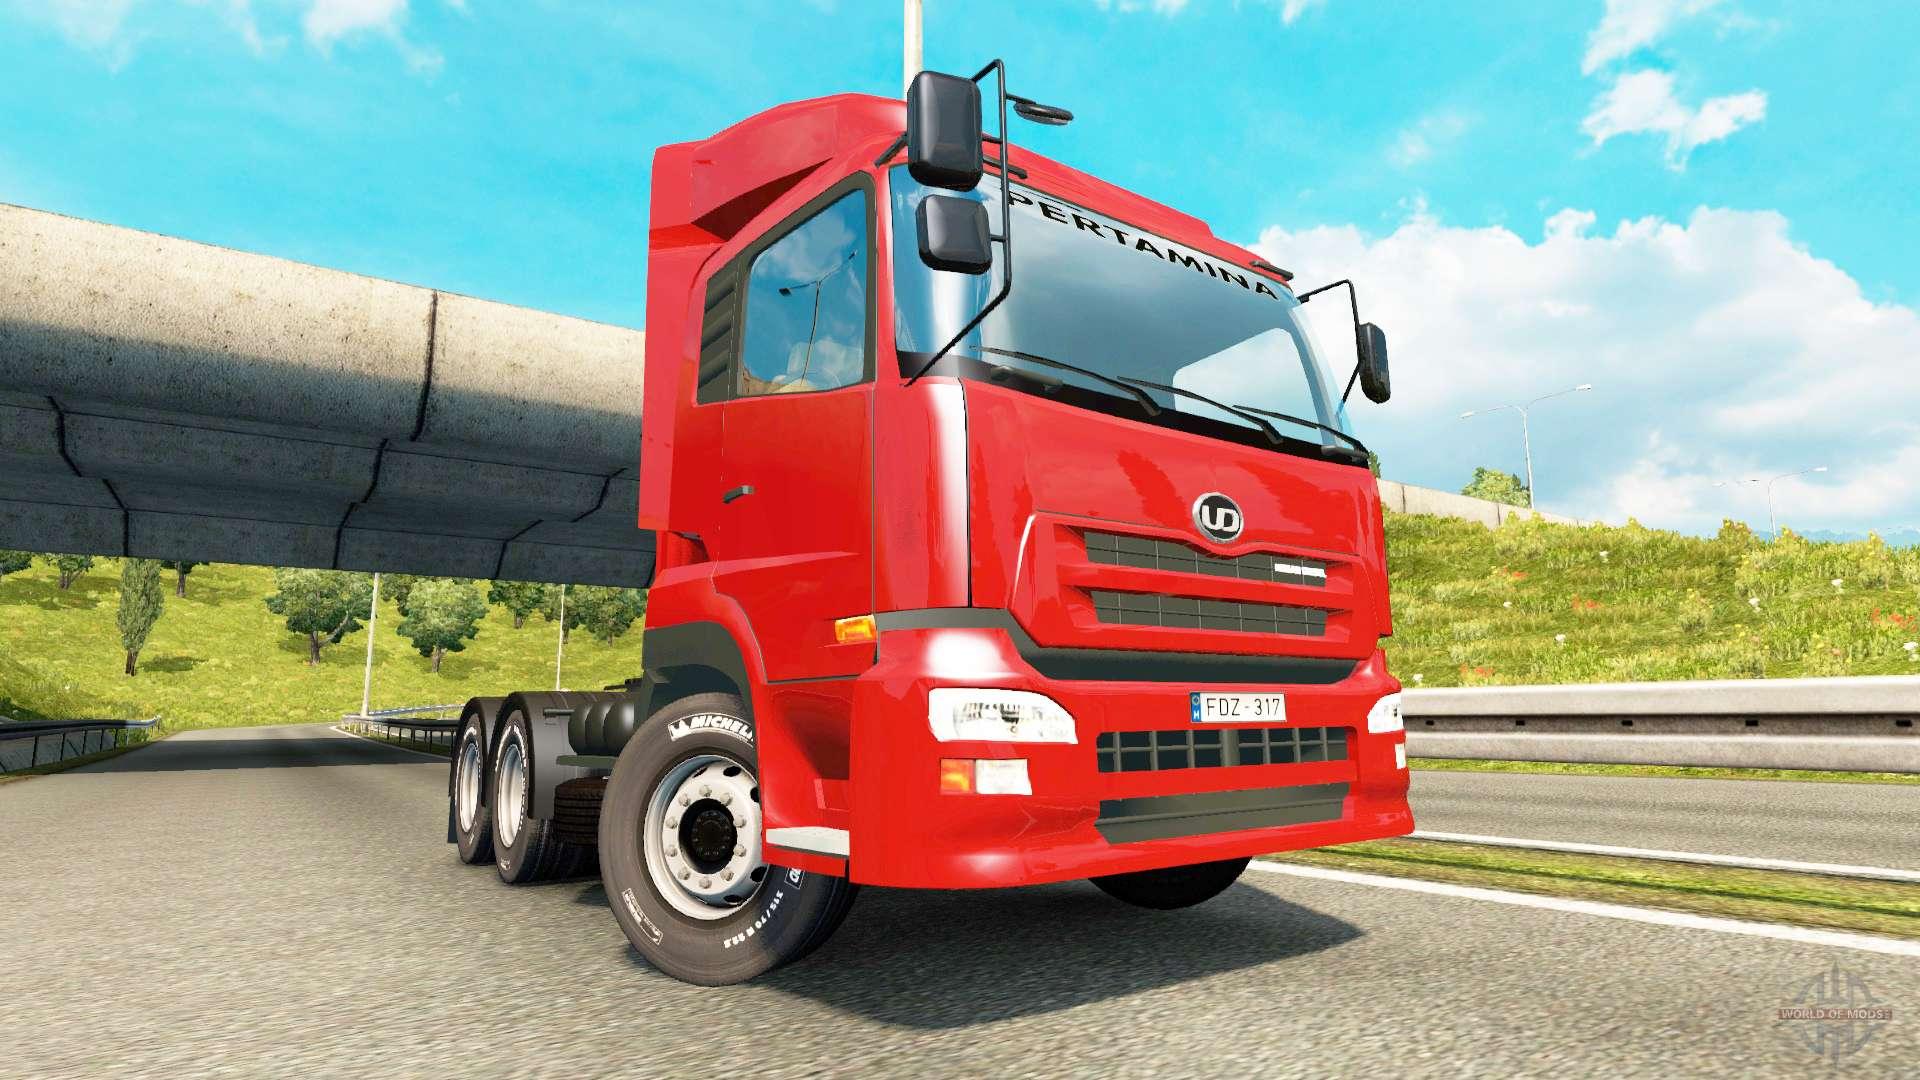 Как играть в етс 2 онлайн Обновление Euro Truck Simulator 2 Euro Truck Simulator 2 Собственные полуприцепы в [ETS2, ATS] как Игровой зал казино Вулкан , стали пользоваться популярностью с самого момента.